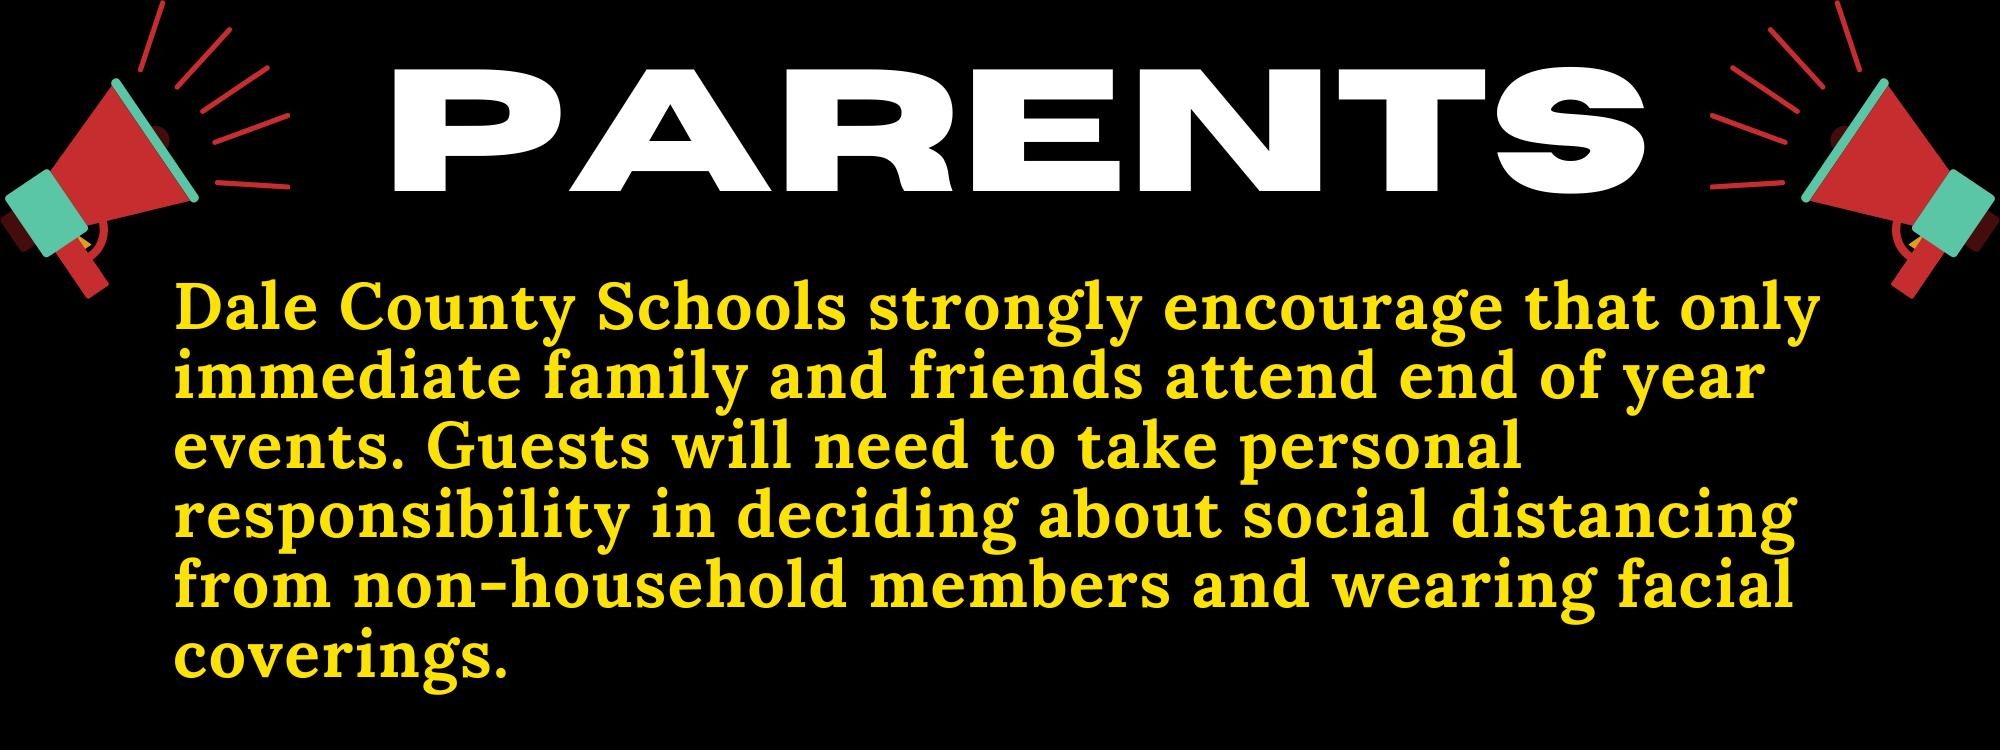 Parent EOY Events Notice